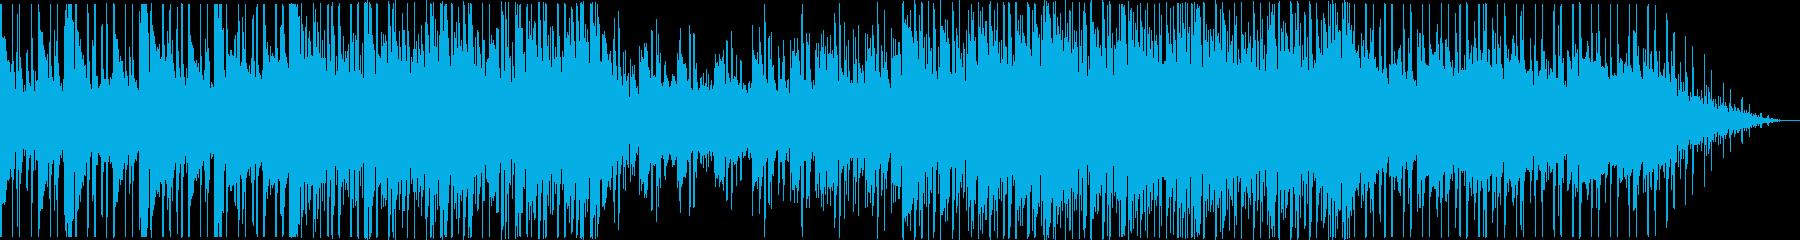 シンセ/落ち着いた曲調/おしゃれな雰囲気の再生済みの波形